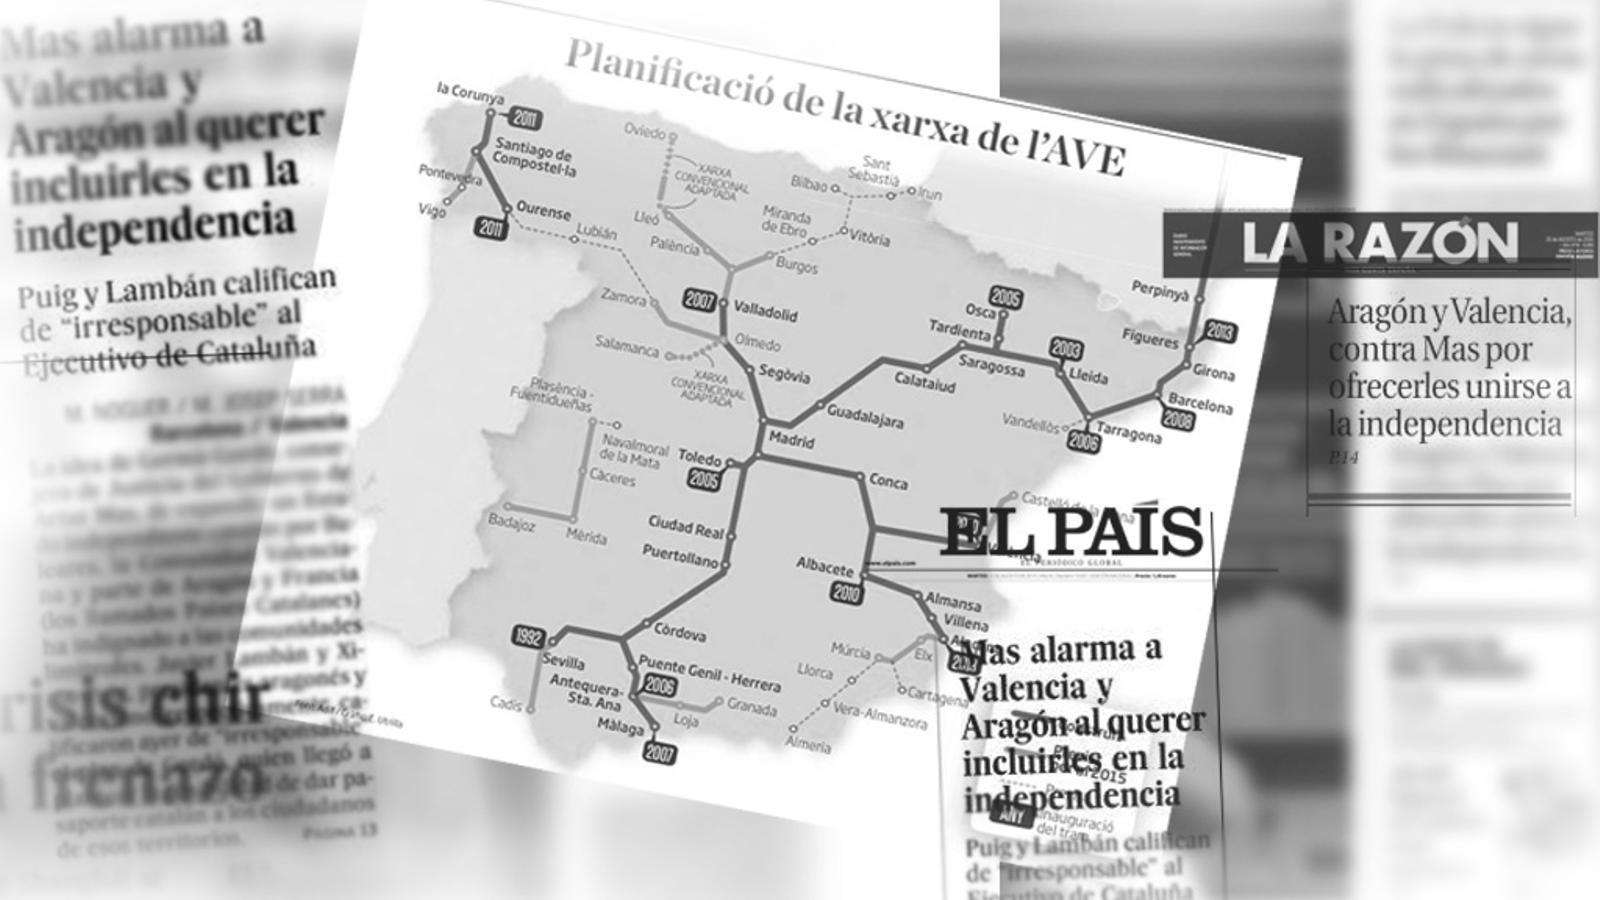 L'editorial d'Antoni Bassas: Països de parla catalana i perjudicis econòmics (25/08/2015)